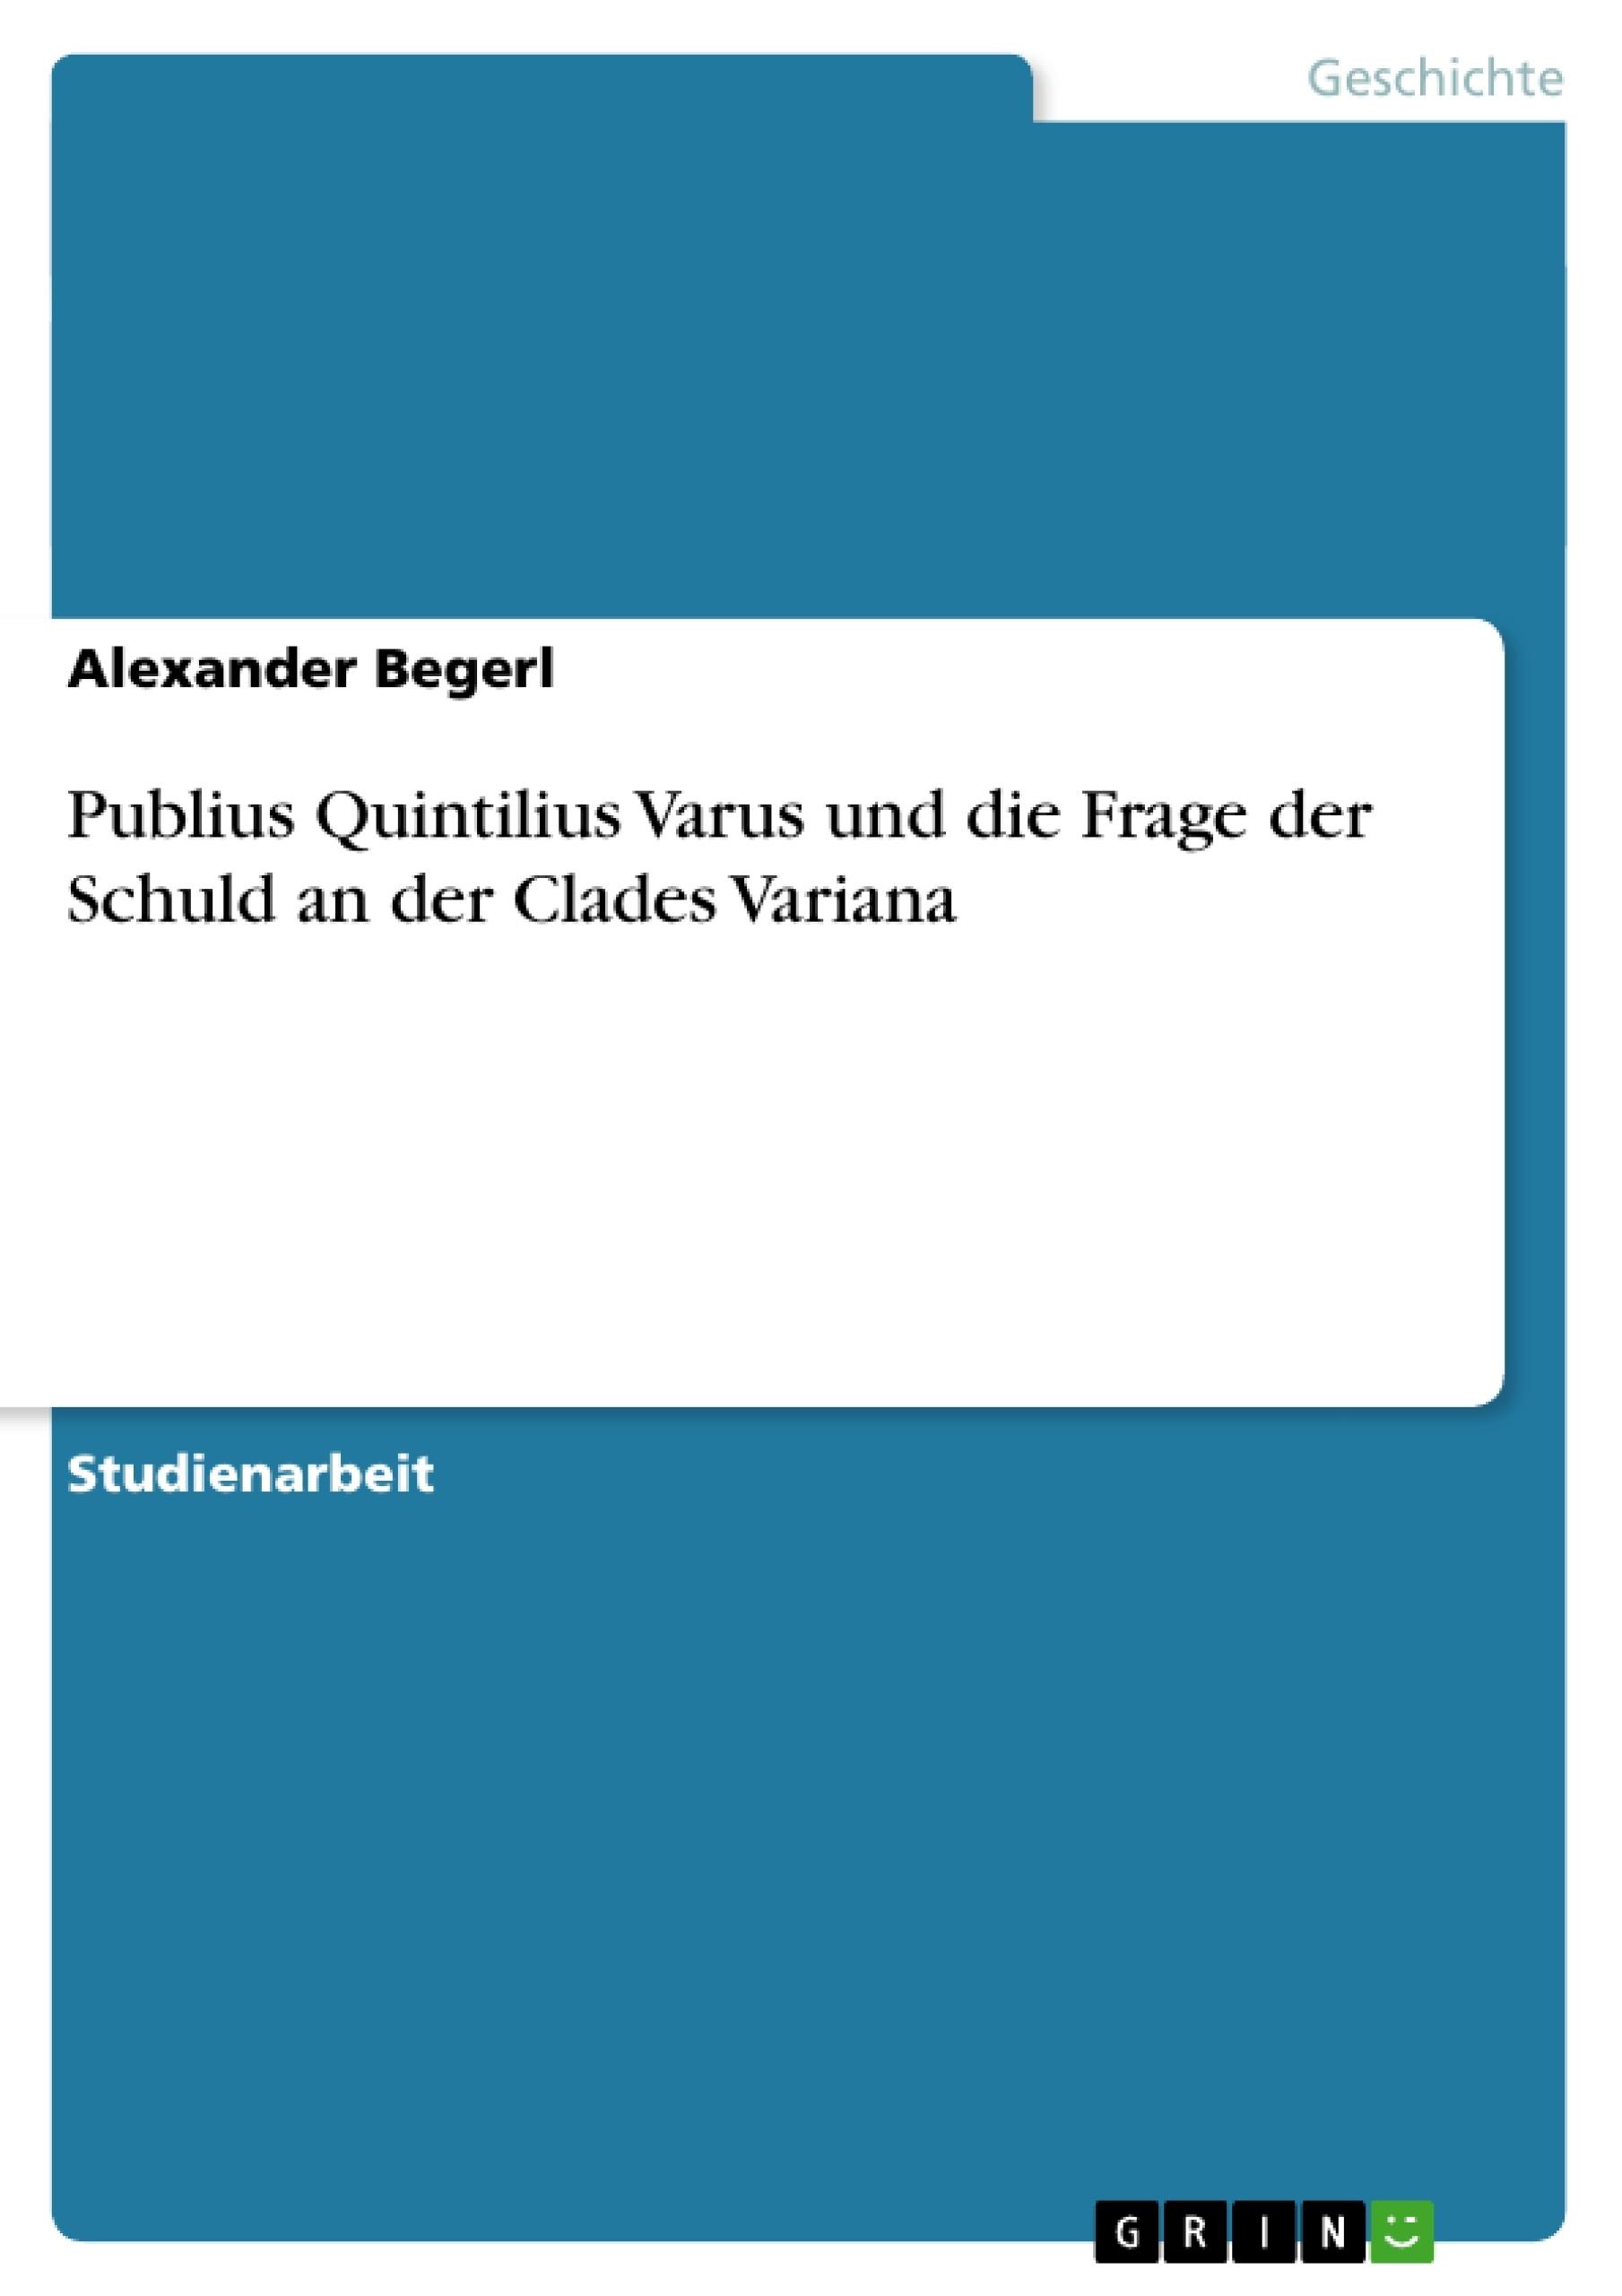 Titel: Publius Quintilius Varus und die Frage der Schuld an der Clades Variana